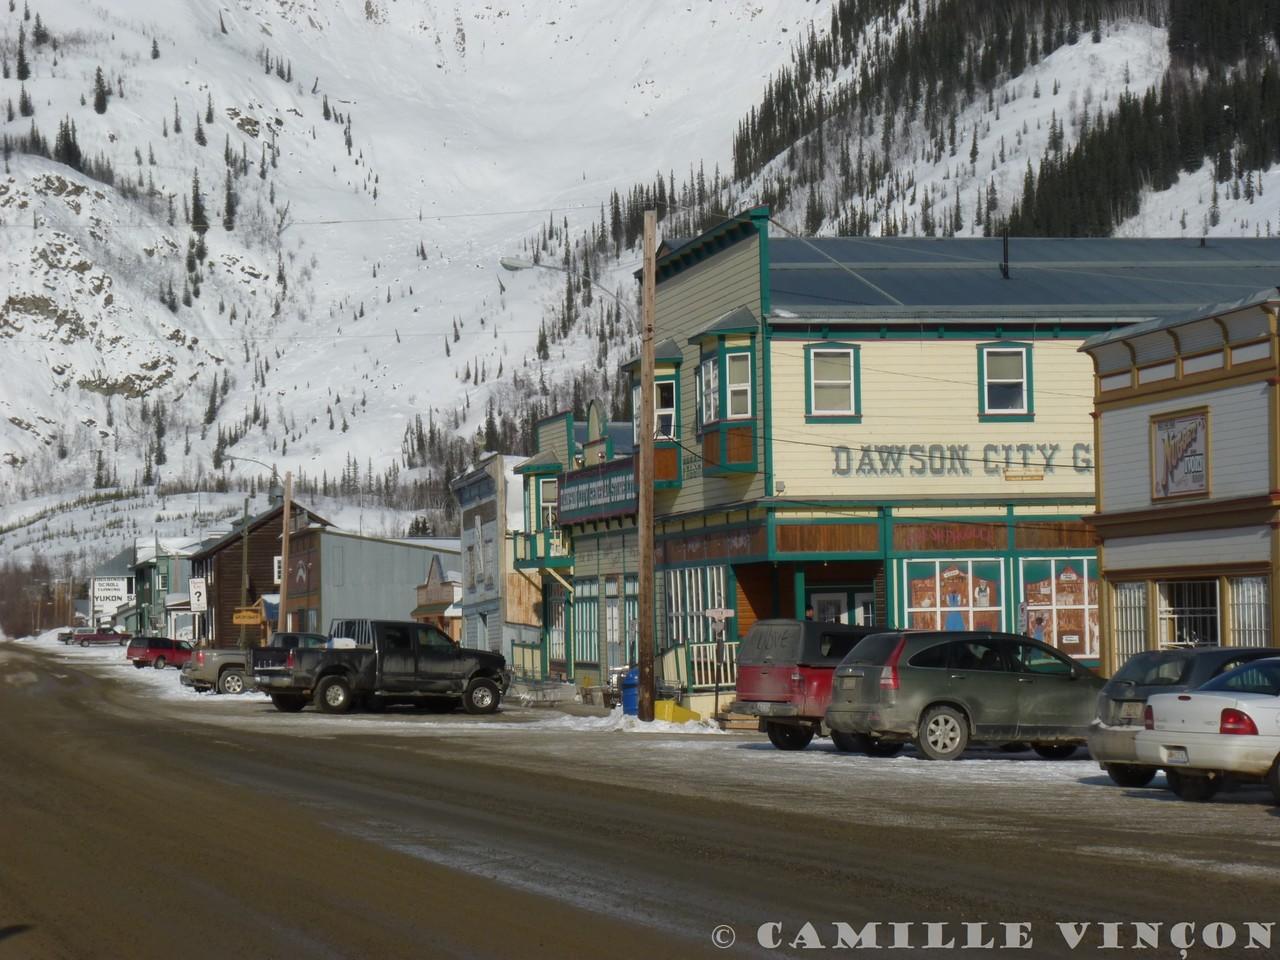 Dawson City, ancienne capitale du Yukon, abritait autrefois les chercheurs d'or. Ils étaient 40 000 en 1900, dans cette ville qui ne compte aujourd'hui plus que 3 000 habitants.